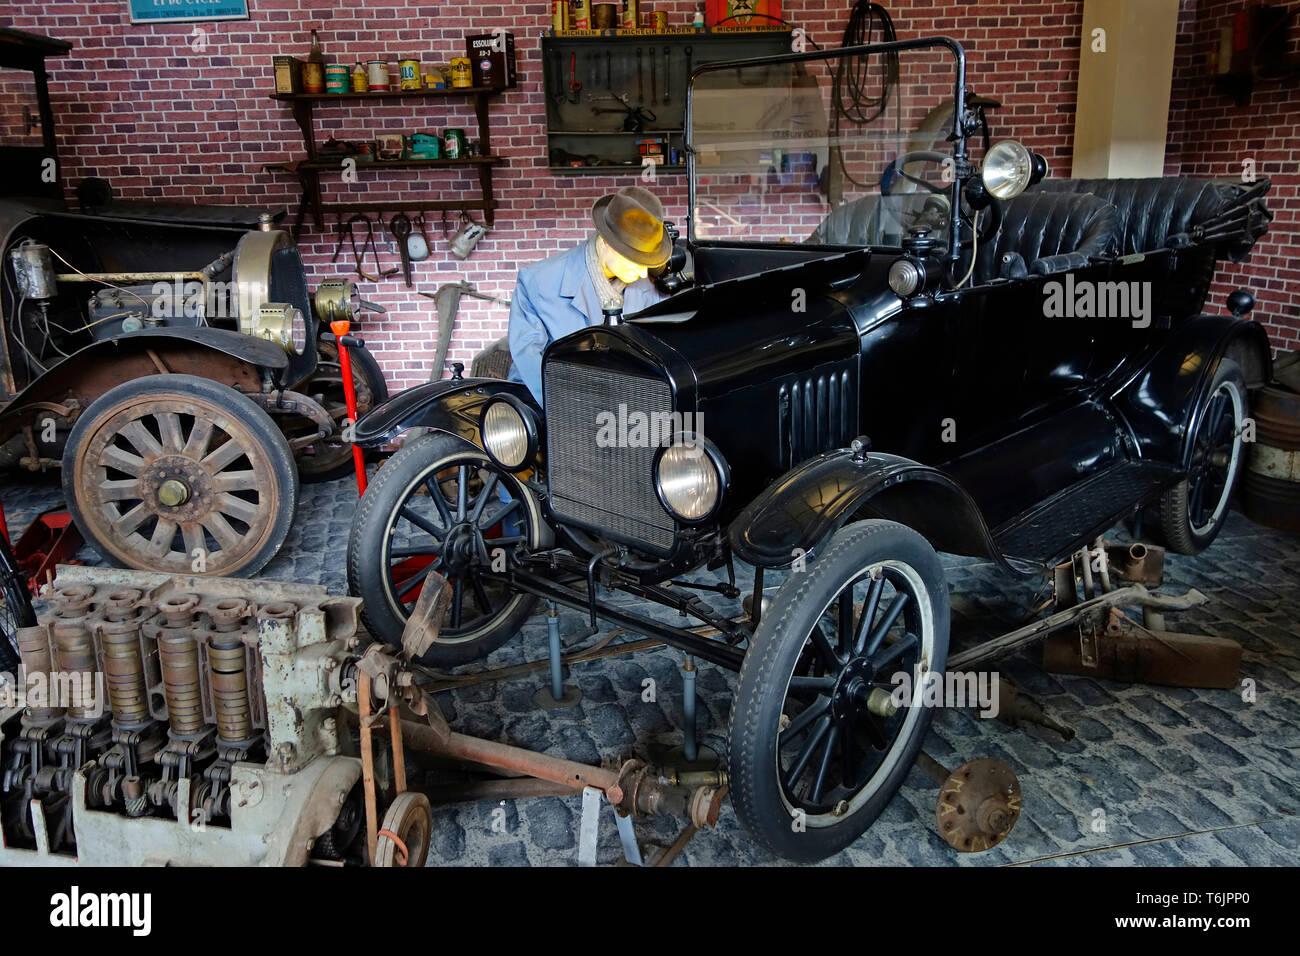 Diorama showing garage owner restoring on 1921 Ford Model T oldtimer in workshop at Autoworld, vintage car museum in Brussels, Belgium - Stock Image